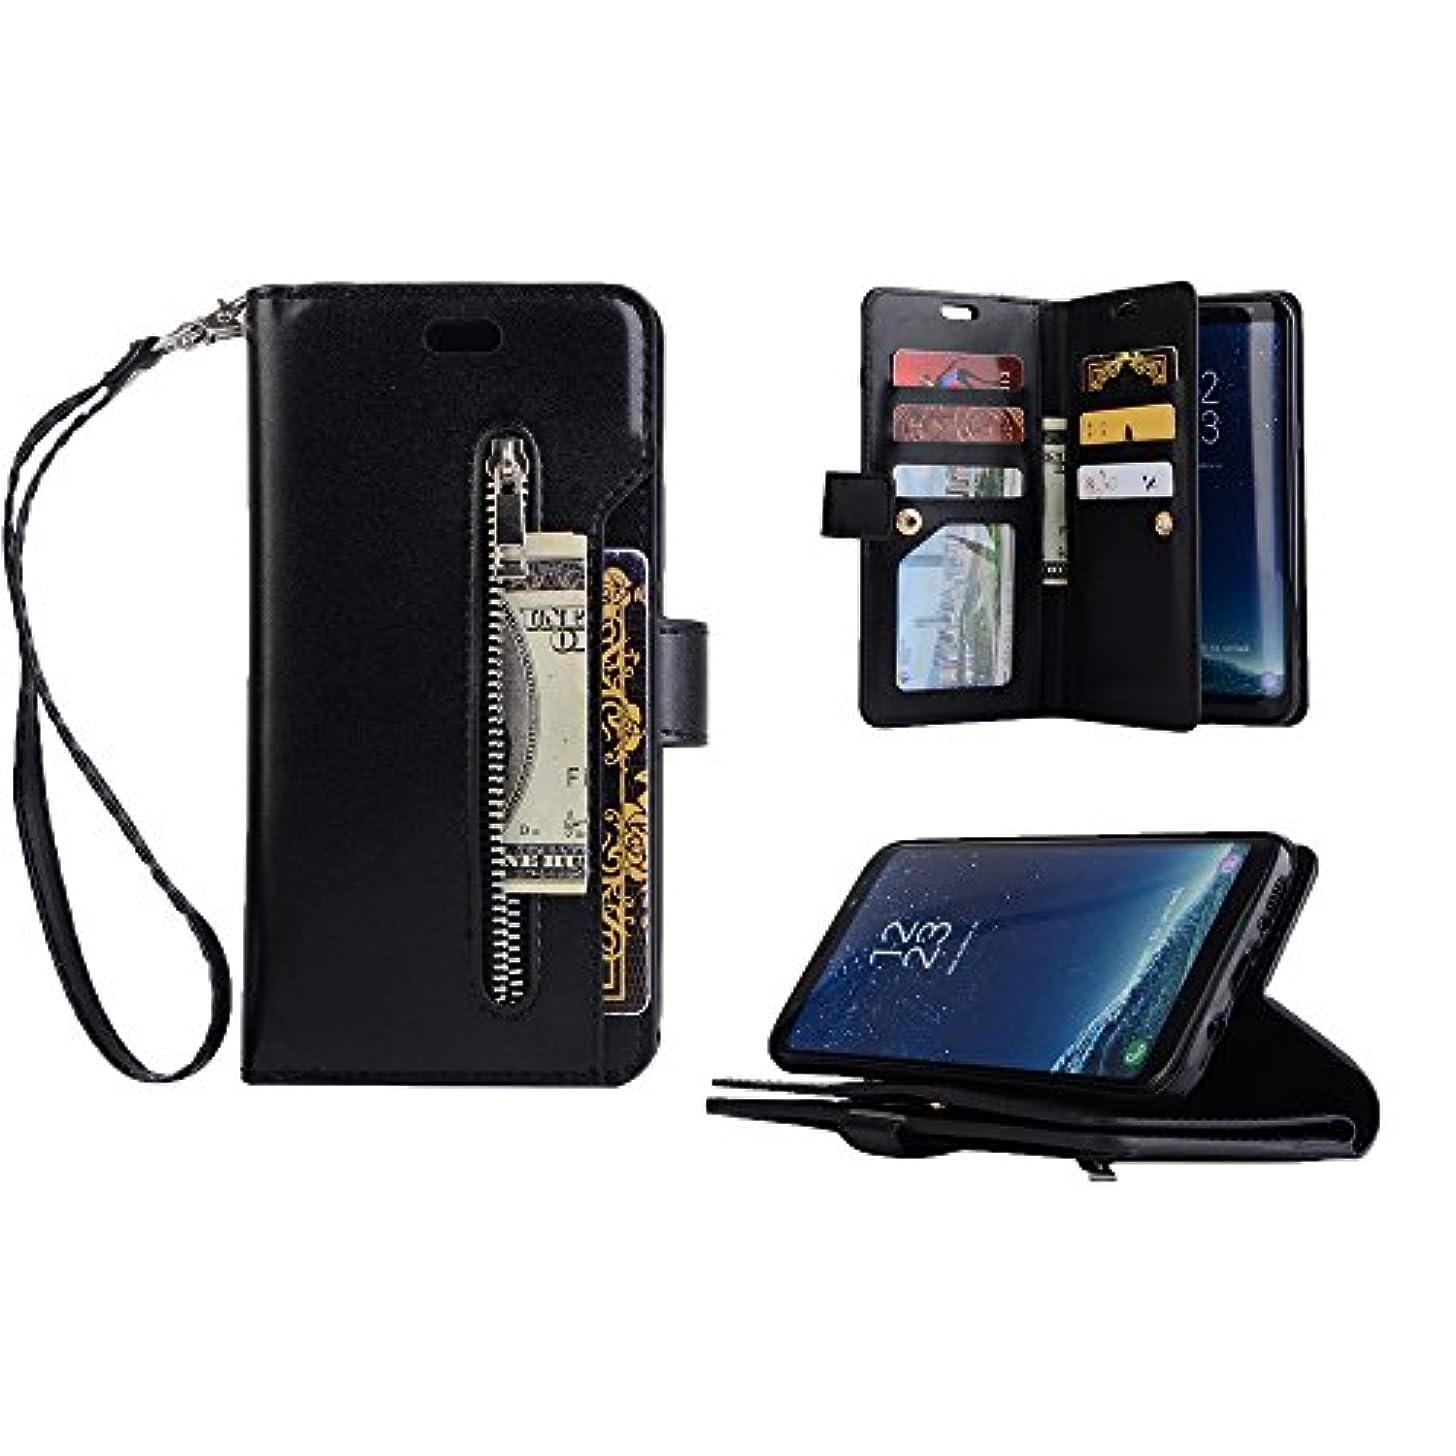 複雑な成り立つどうやってGalaxy S8 Plus おしゃれカバー PUレザー カード収納 スタンド機能 ストラップ付き 手帳型ケース ギャラクシー S8 Plus対応 ブラックメンズ かっこいい ビジネス